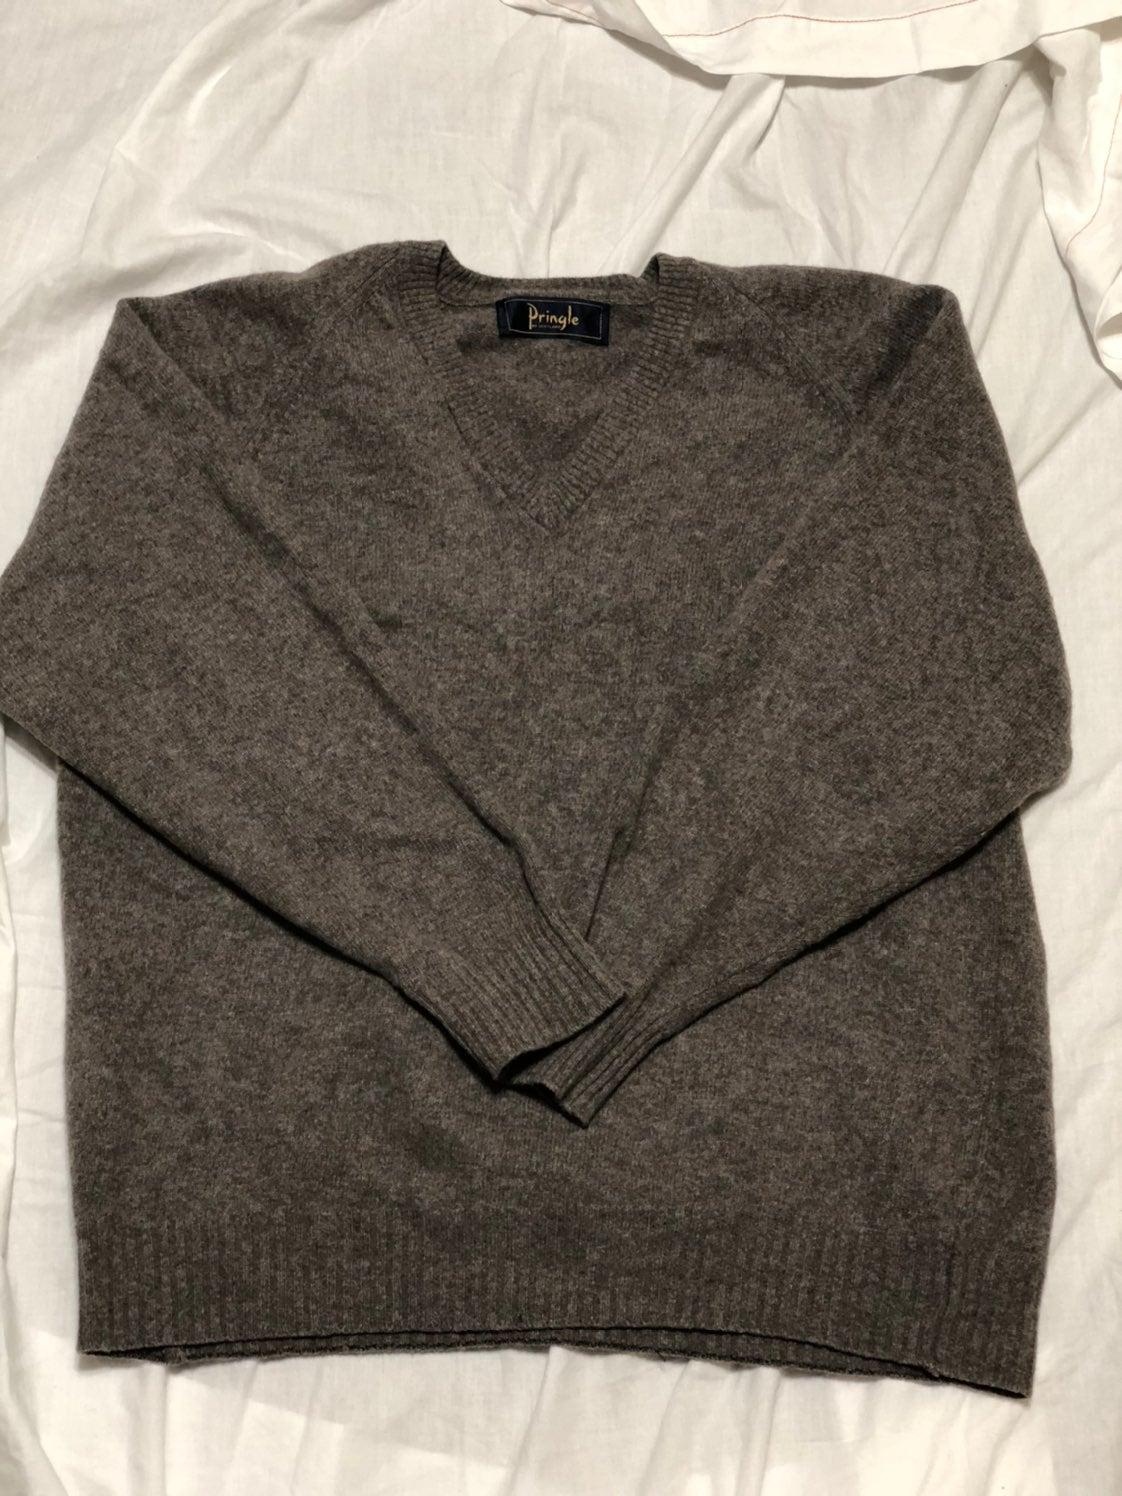 100% lambs wool pringle sweater